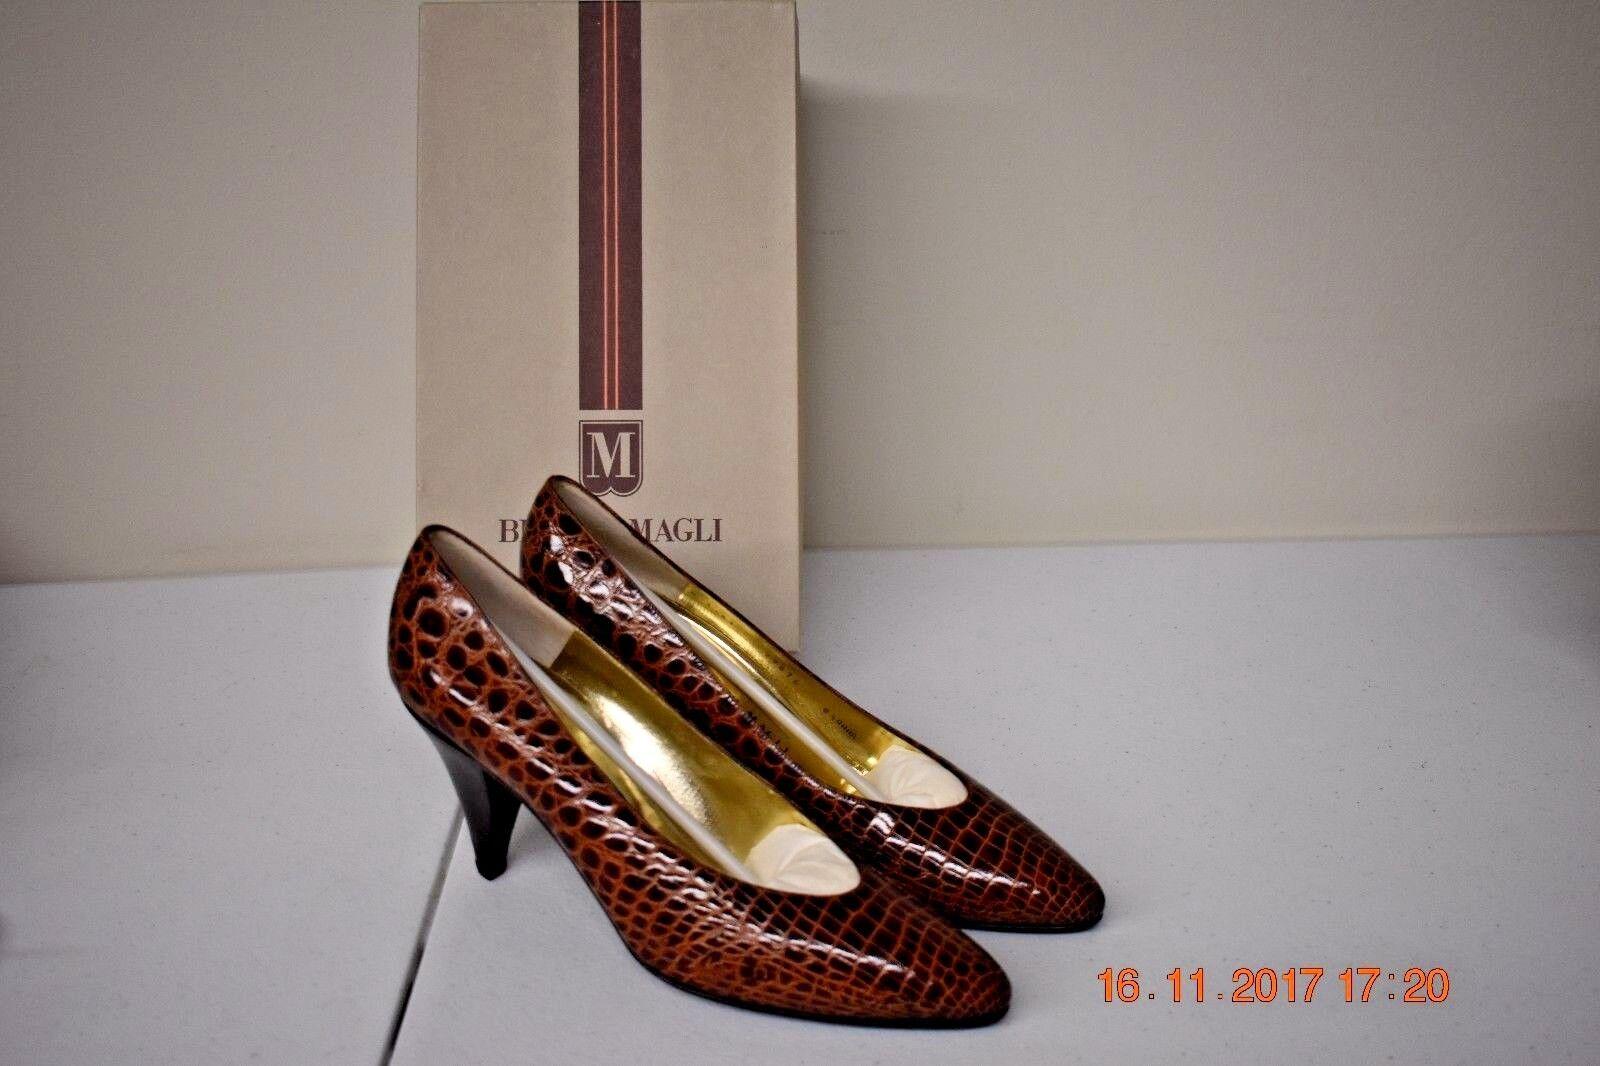 trova il tuo preferito qui BRUNO MAGLI MAGLI MAGLI Dimensione 8.5 AAAA Honey Leather Heel  controlla il più economico